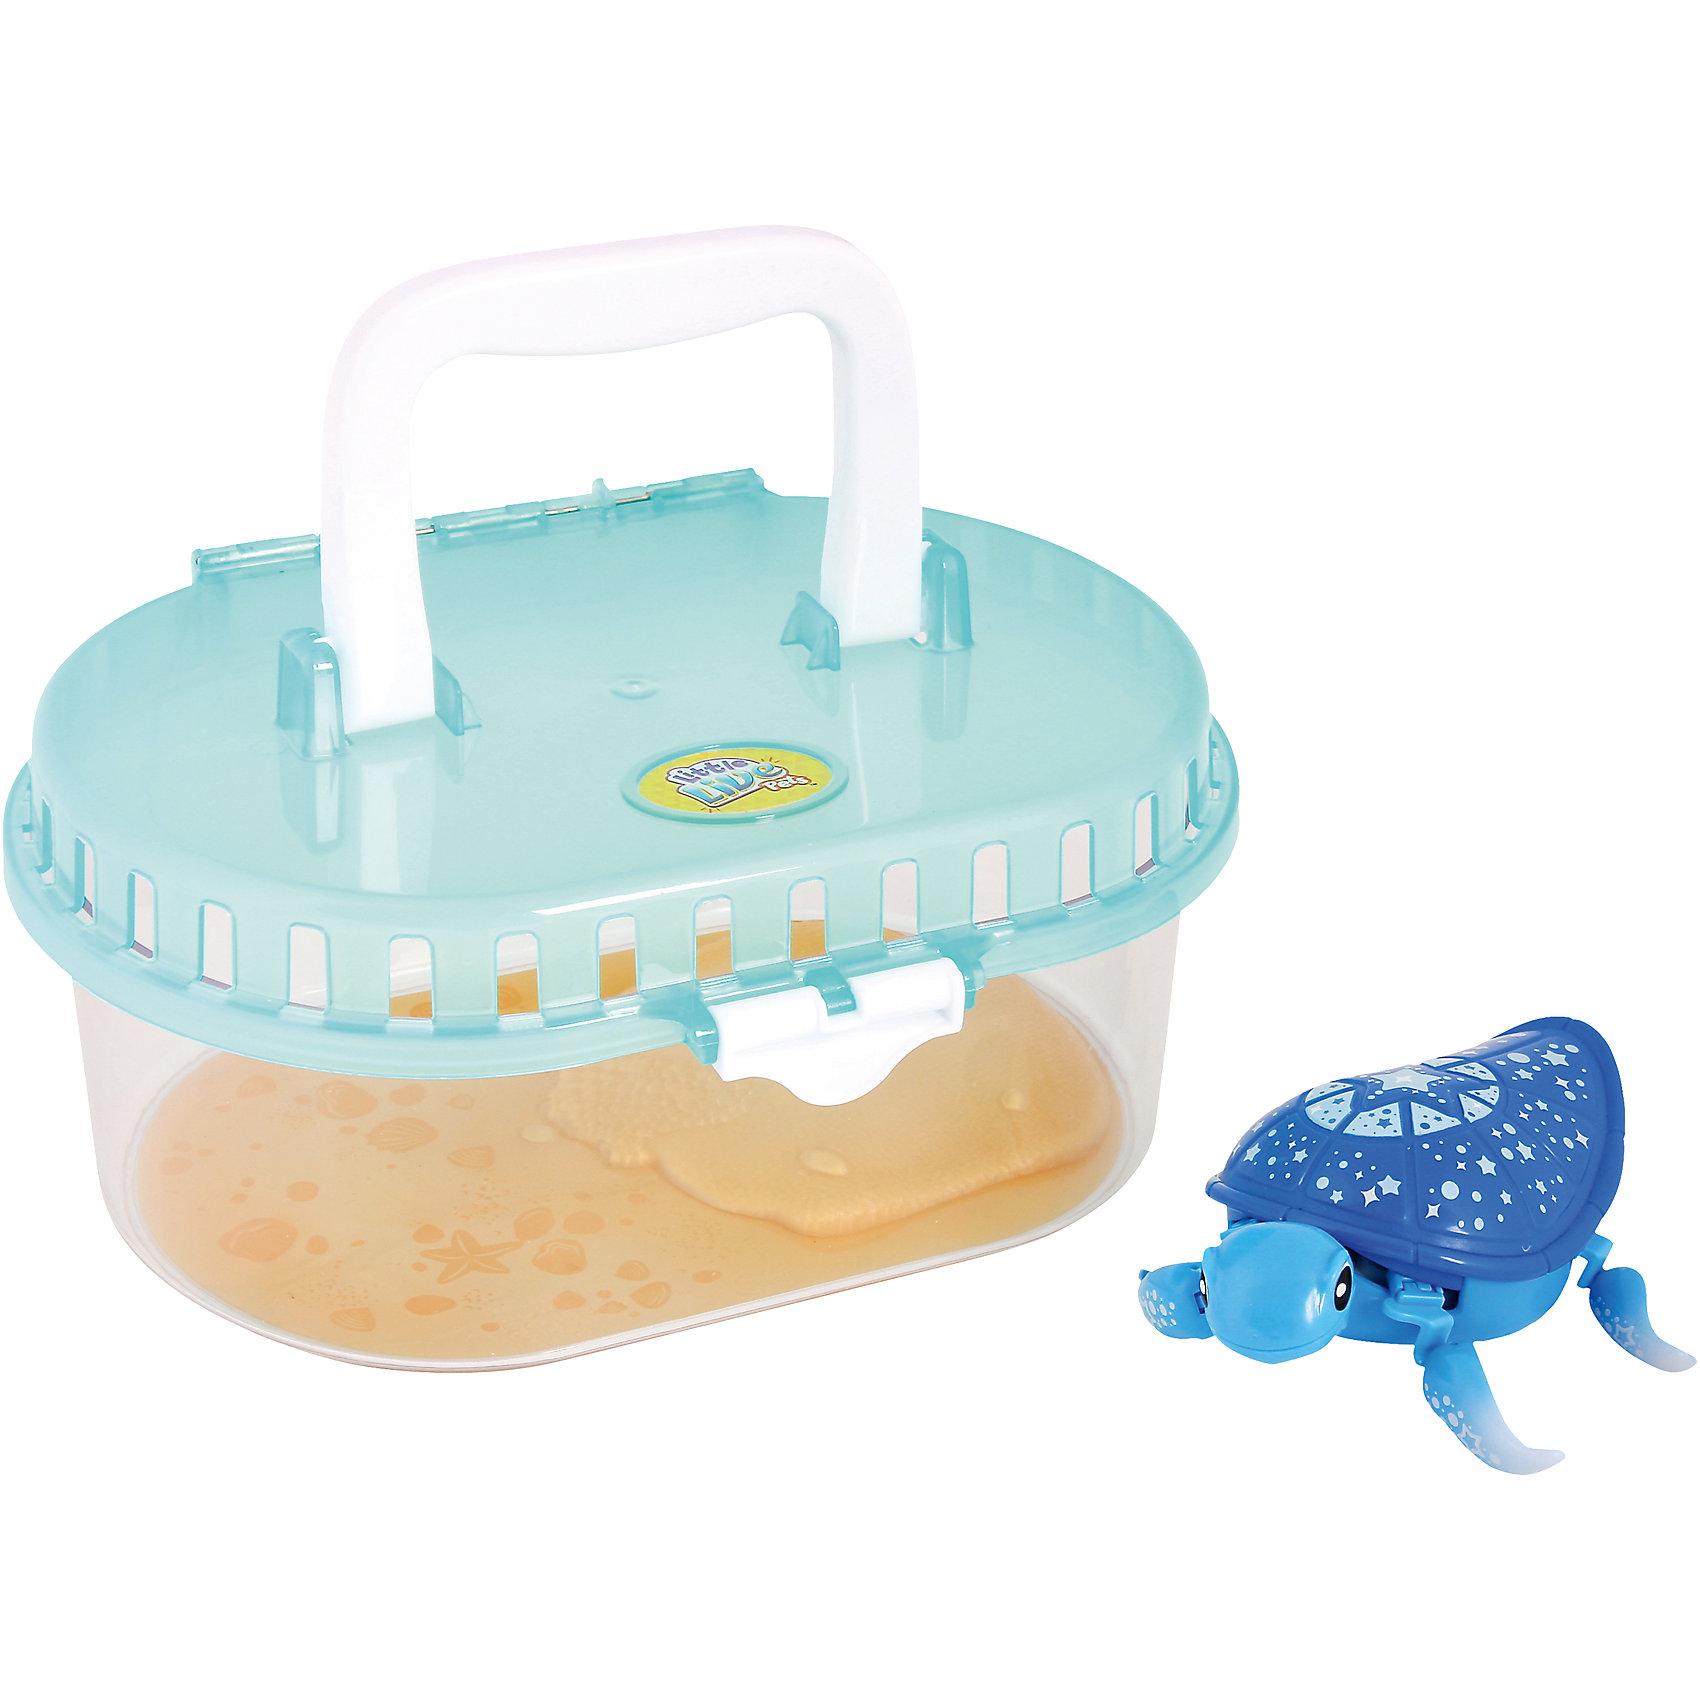 Интерактивная Черепашка в аквариуме, Little Live Pets